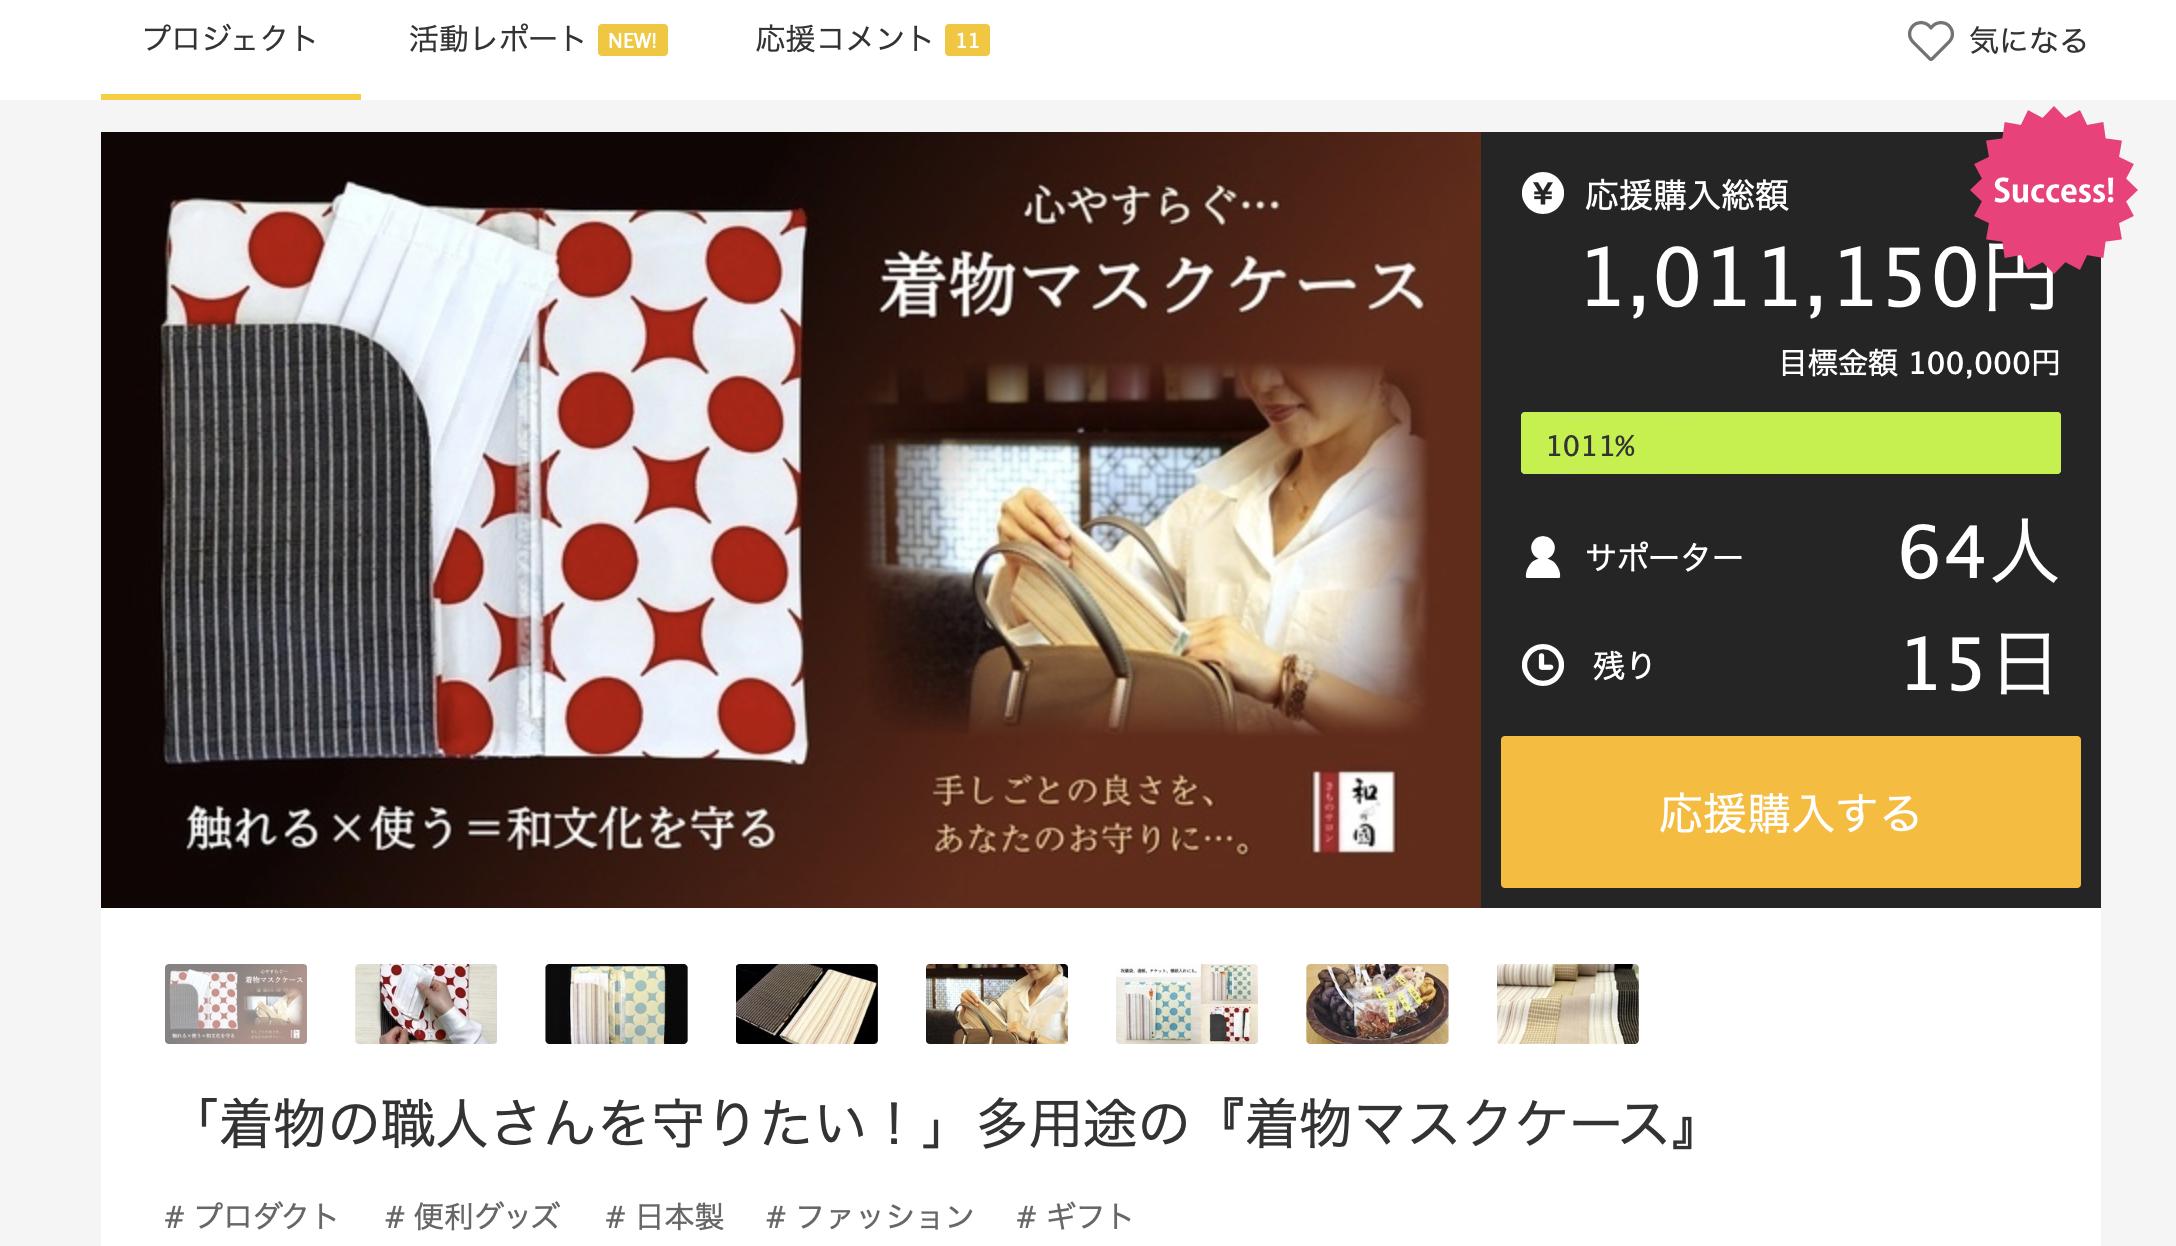 makuake マクアケ クラウドファンディング 着物マスクケース 熊本市中央区 着物専門店 わのくに 夏きもの